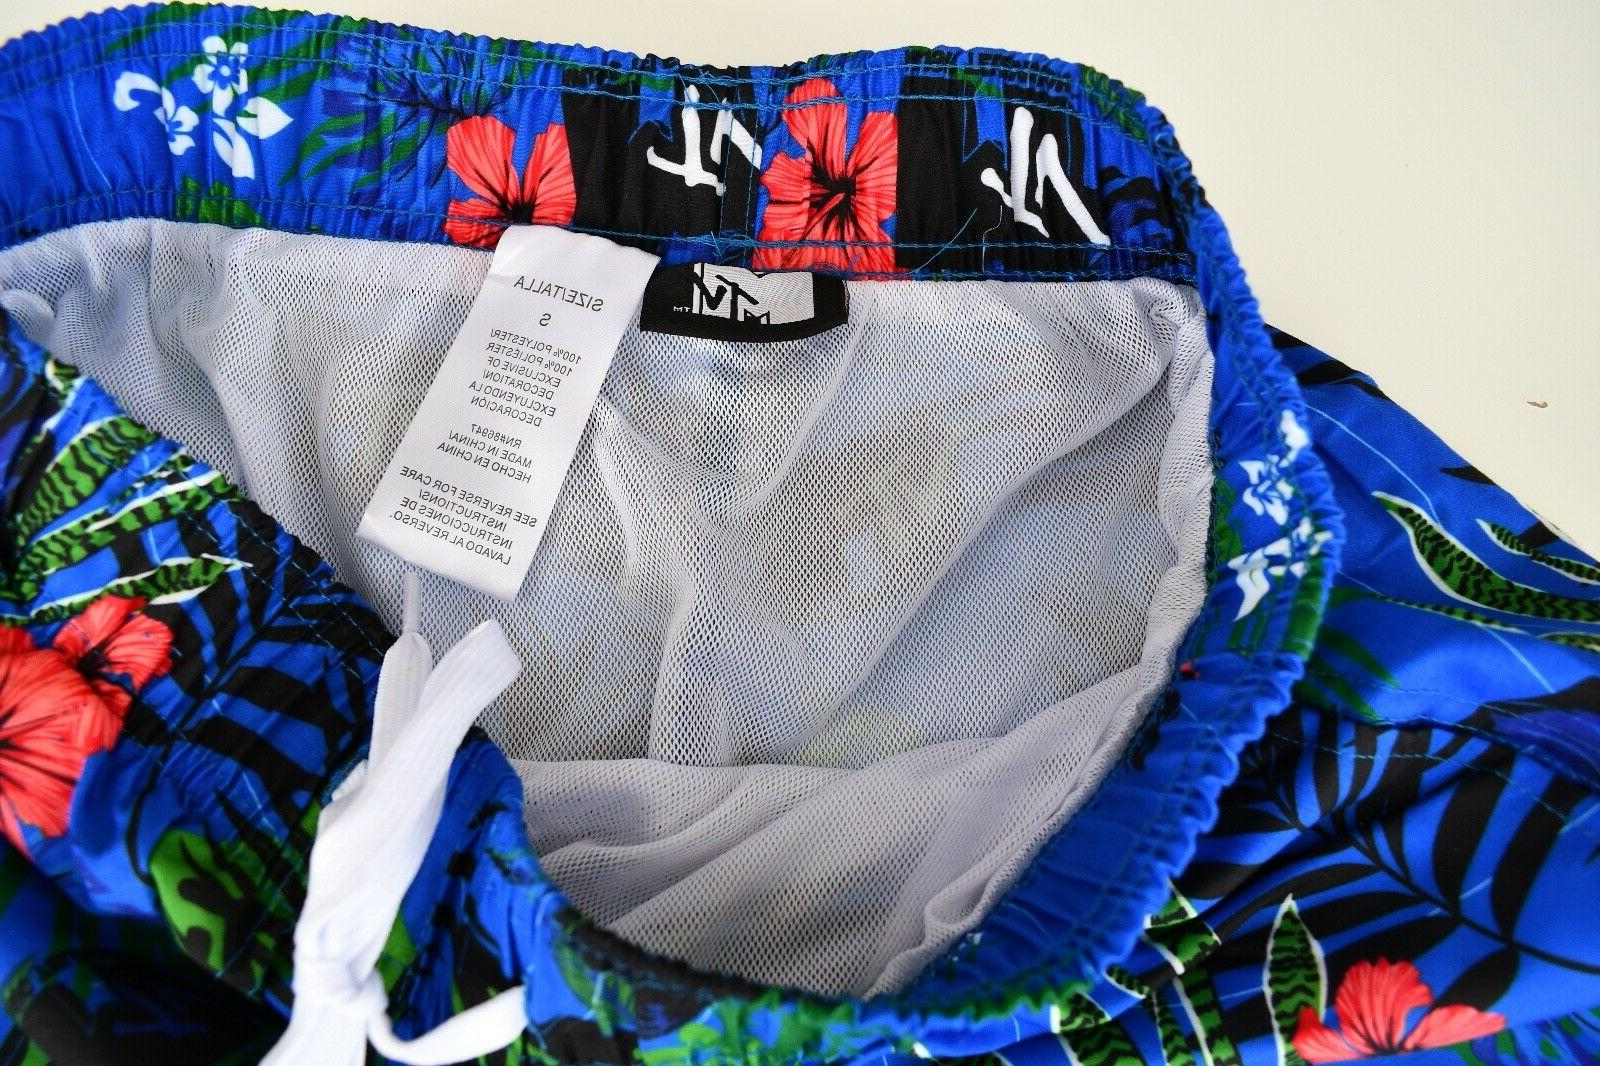 NWT Shorts Swim Trunks Logo & STYLE